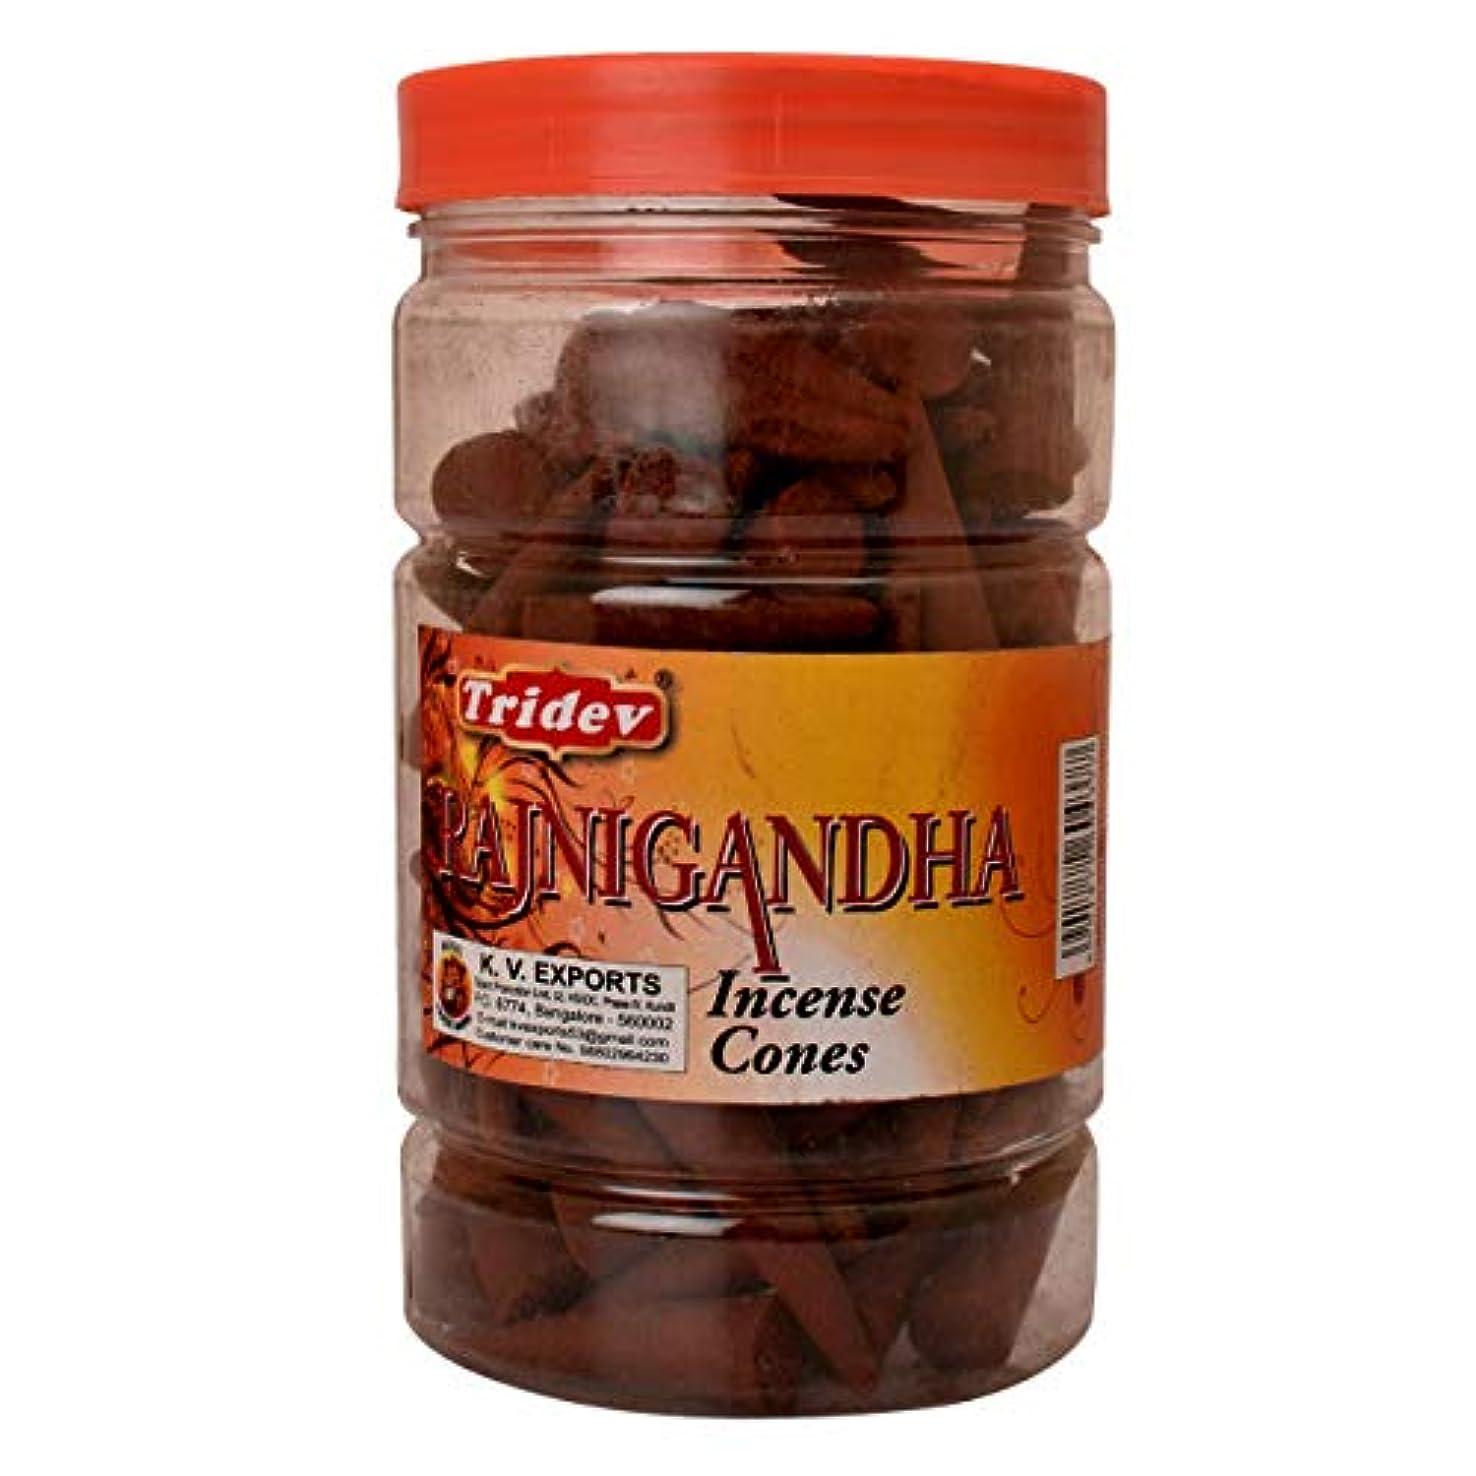 柔らかい具体的に作物Tridev Rajnigandha フレグランス 円錐形お香瓶 1350グラムボックス | 6瓶 225グラム入りボックス | 輸出品質